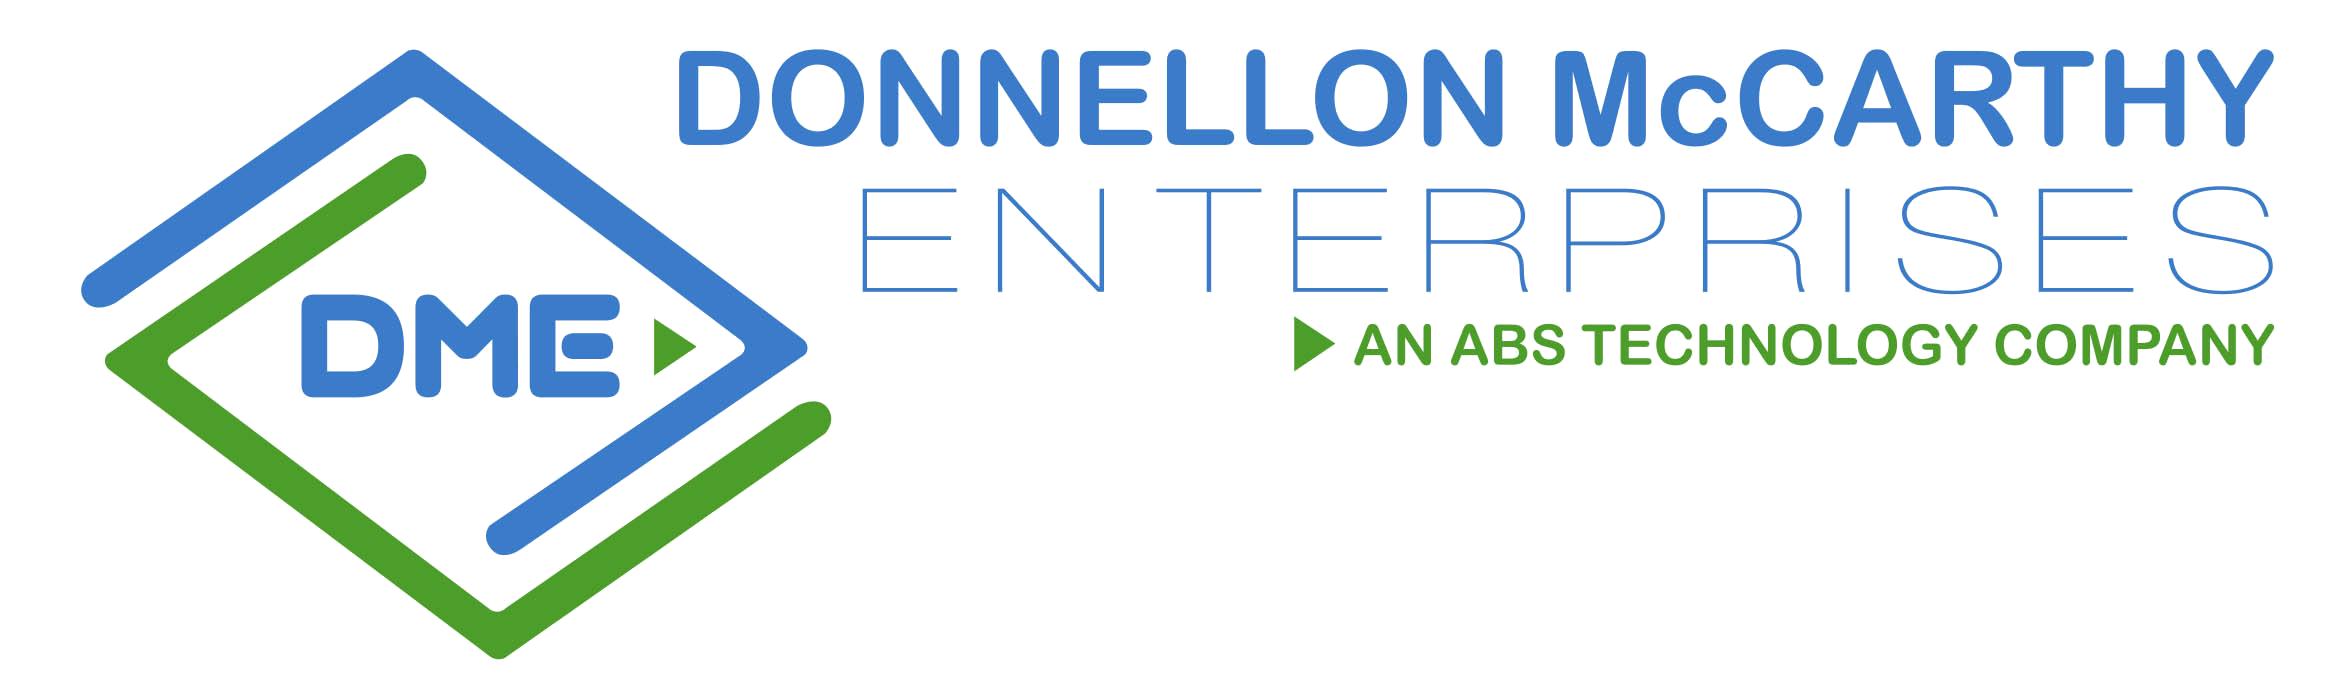 Donnellon McCarthy Enterprises logo